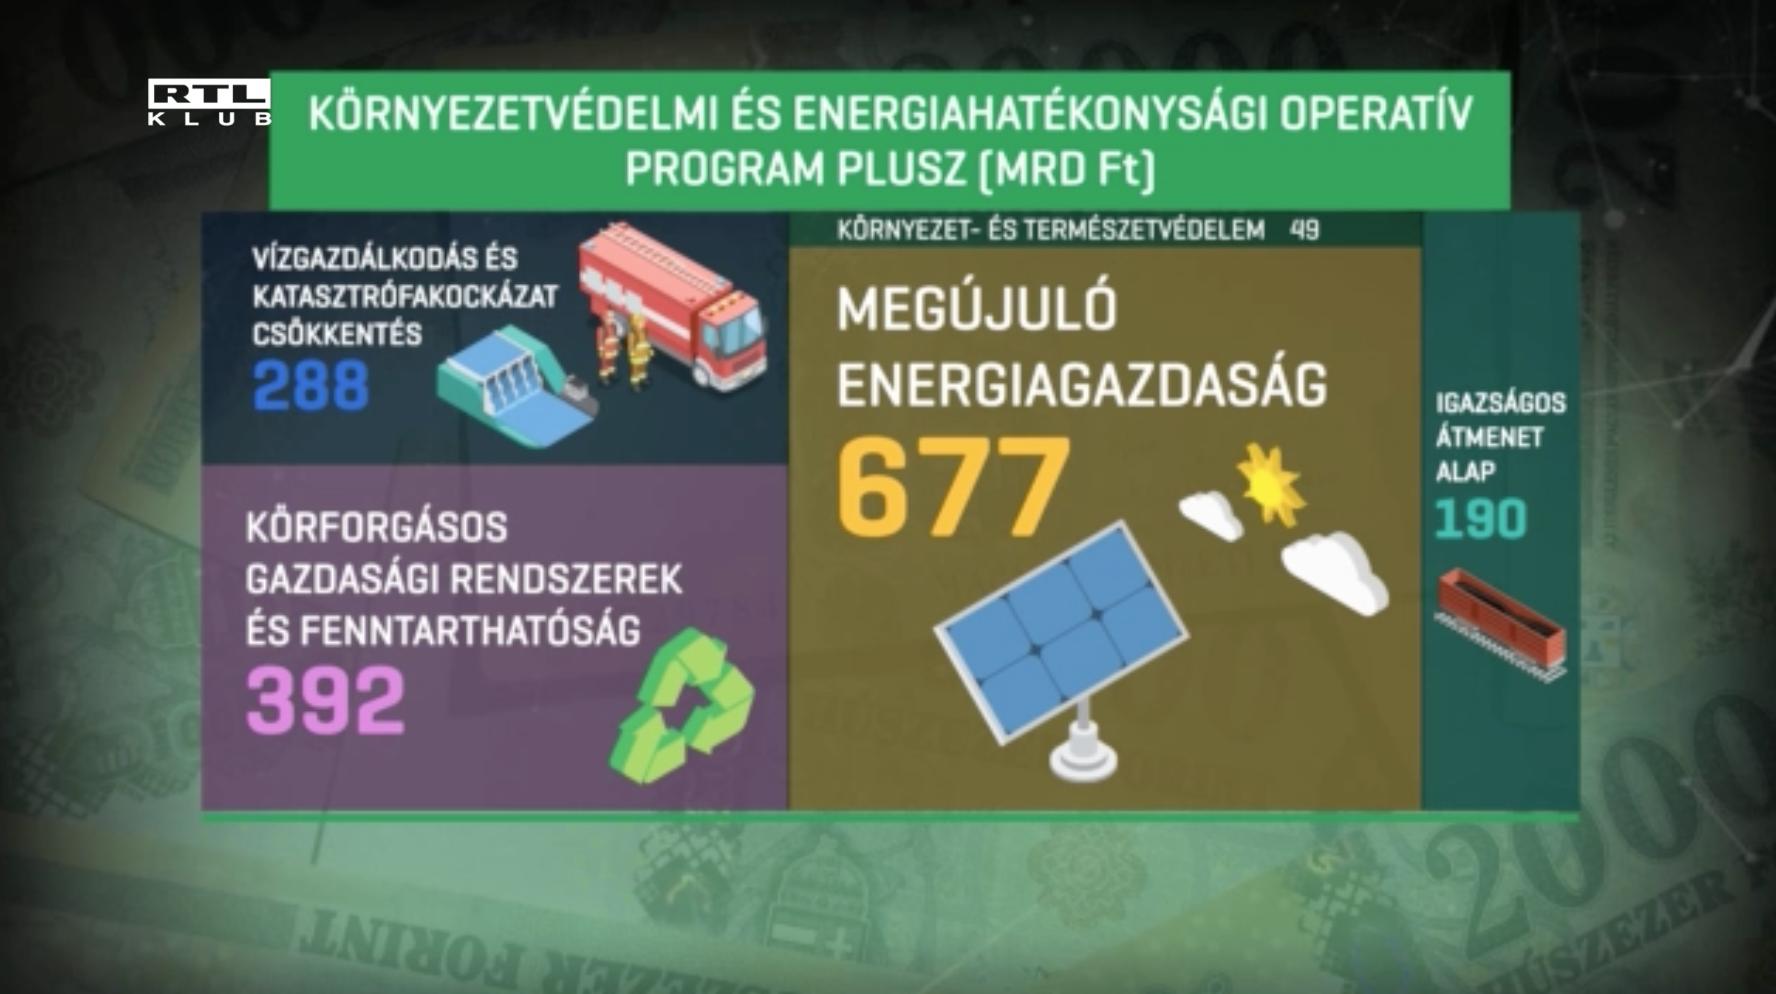 1600 milliárdnyi zöld uniós forrásból alig 49-et költene környezetvédelemre a kormány